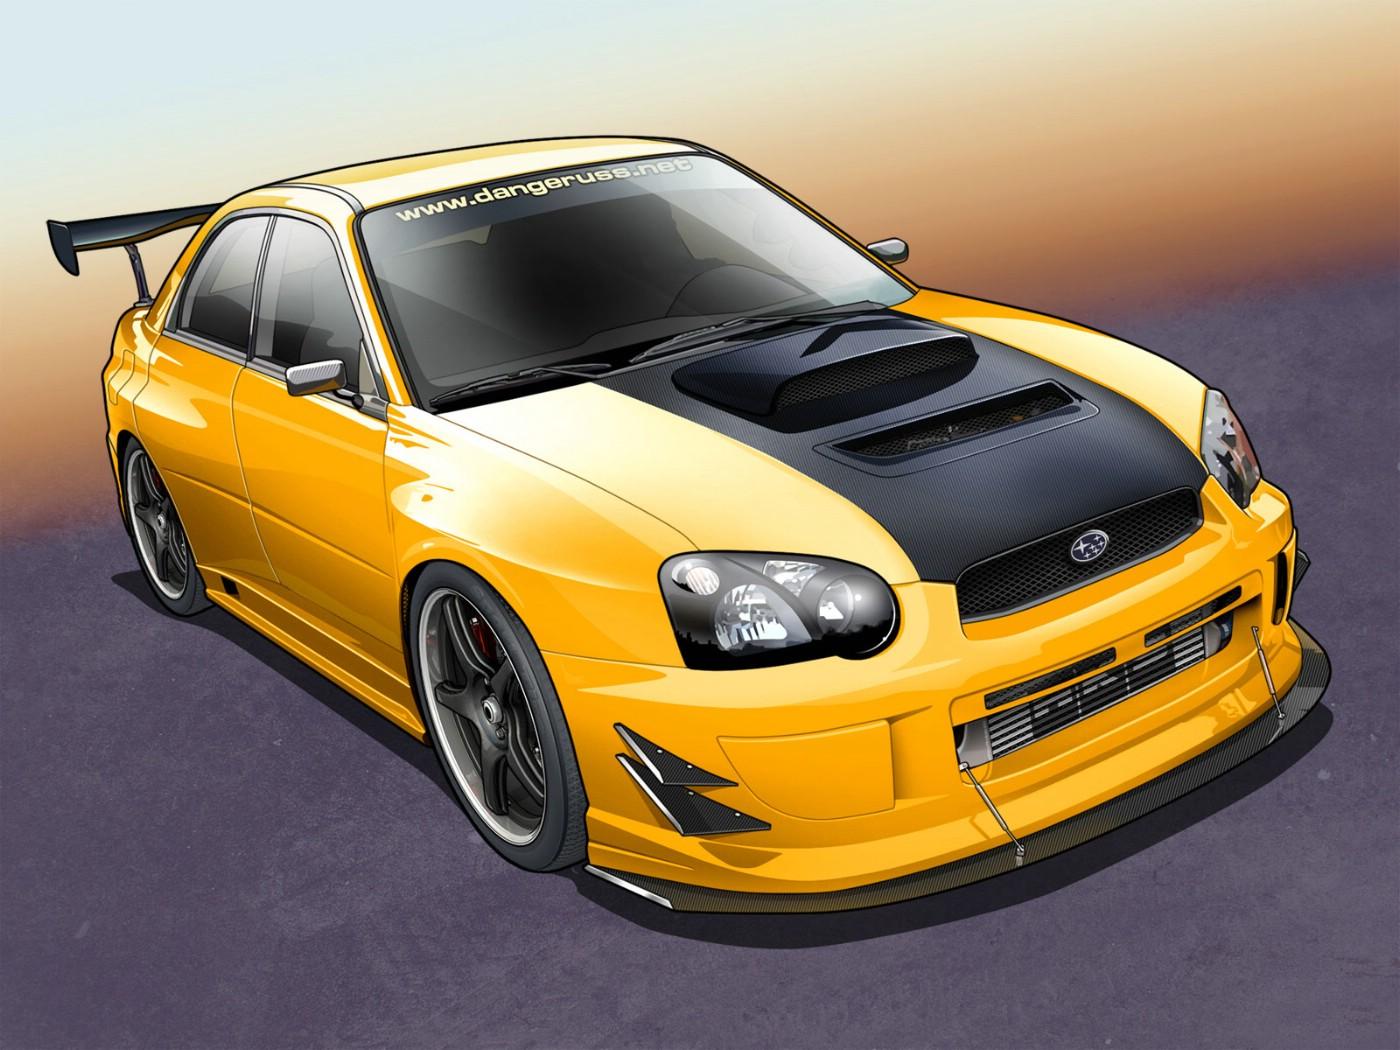 足球改单软件 电脑手绘汽车yellow subaru wrx 高清图片